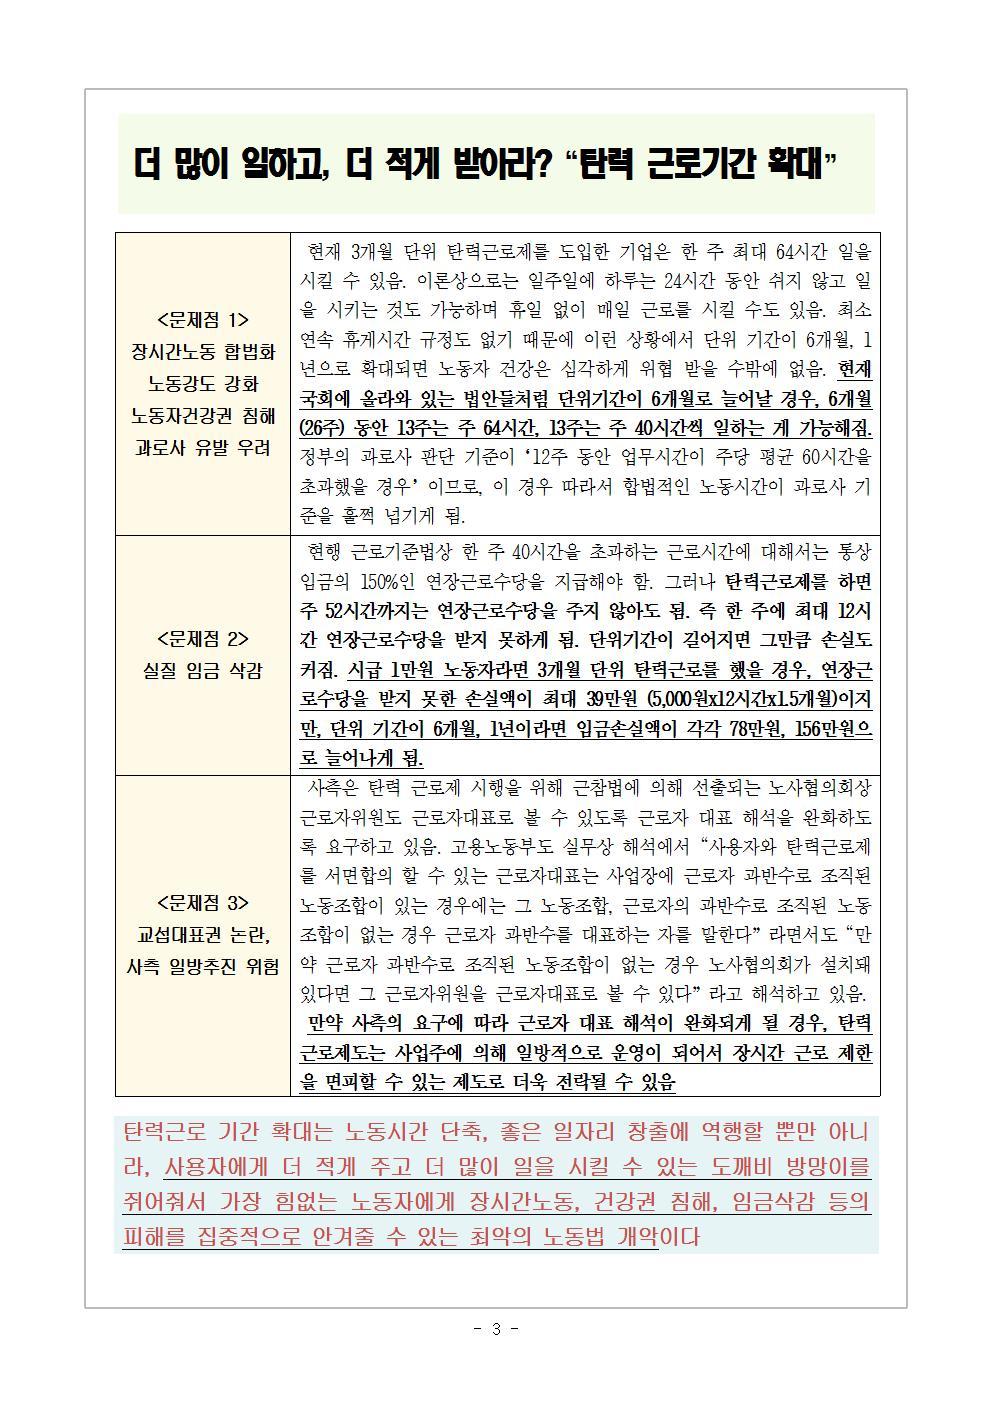 [2018 교육지-12] 11.21 총파업_수정003.jpg